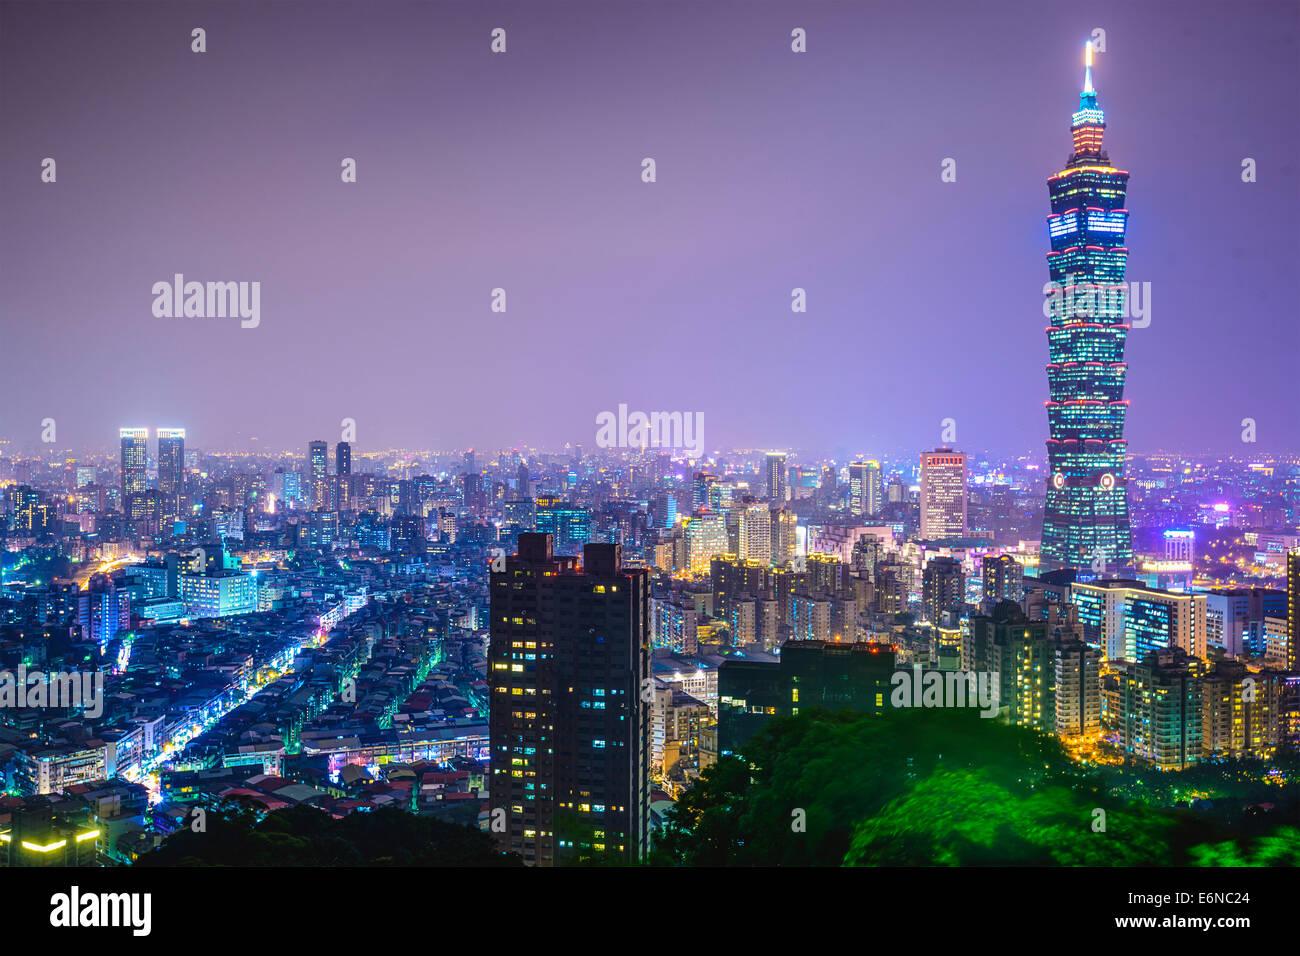 Perfil del centro de la ciudad de Taipei, Taiwan. Imagen De Stock